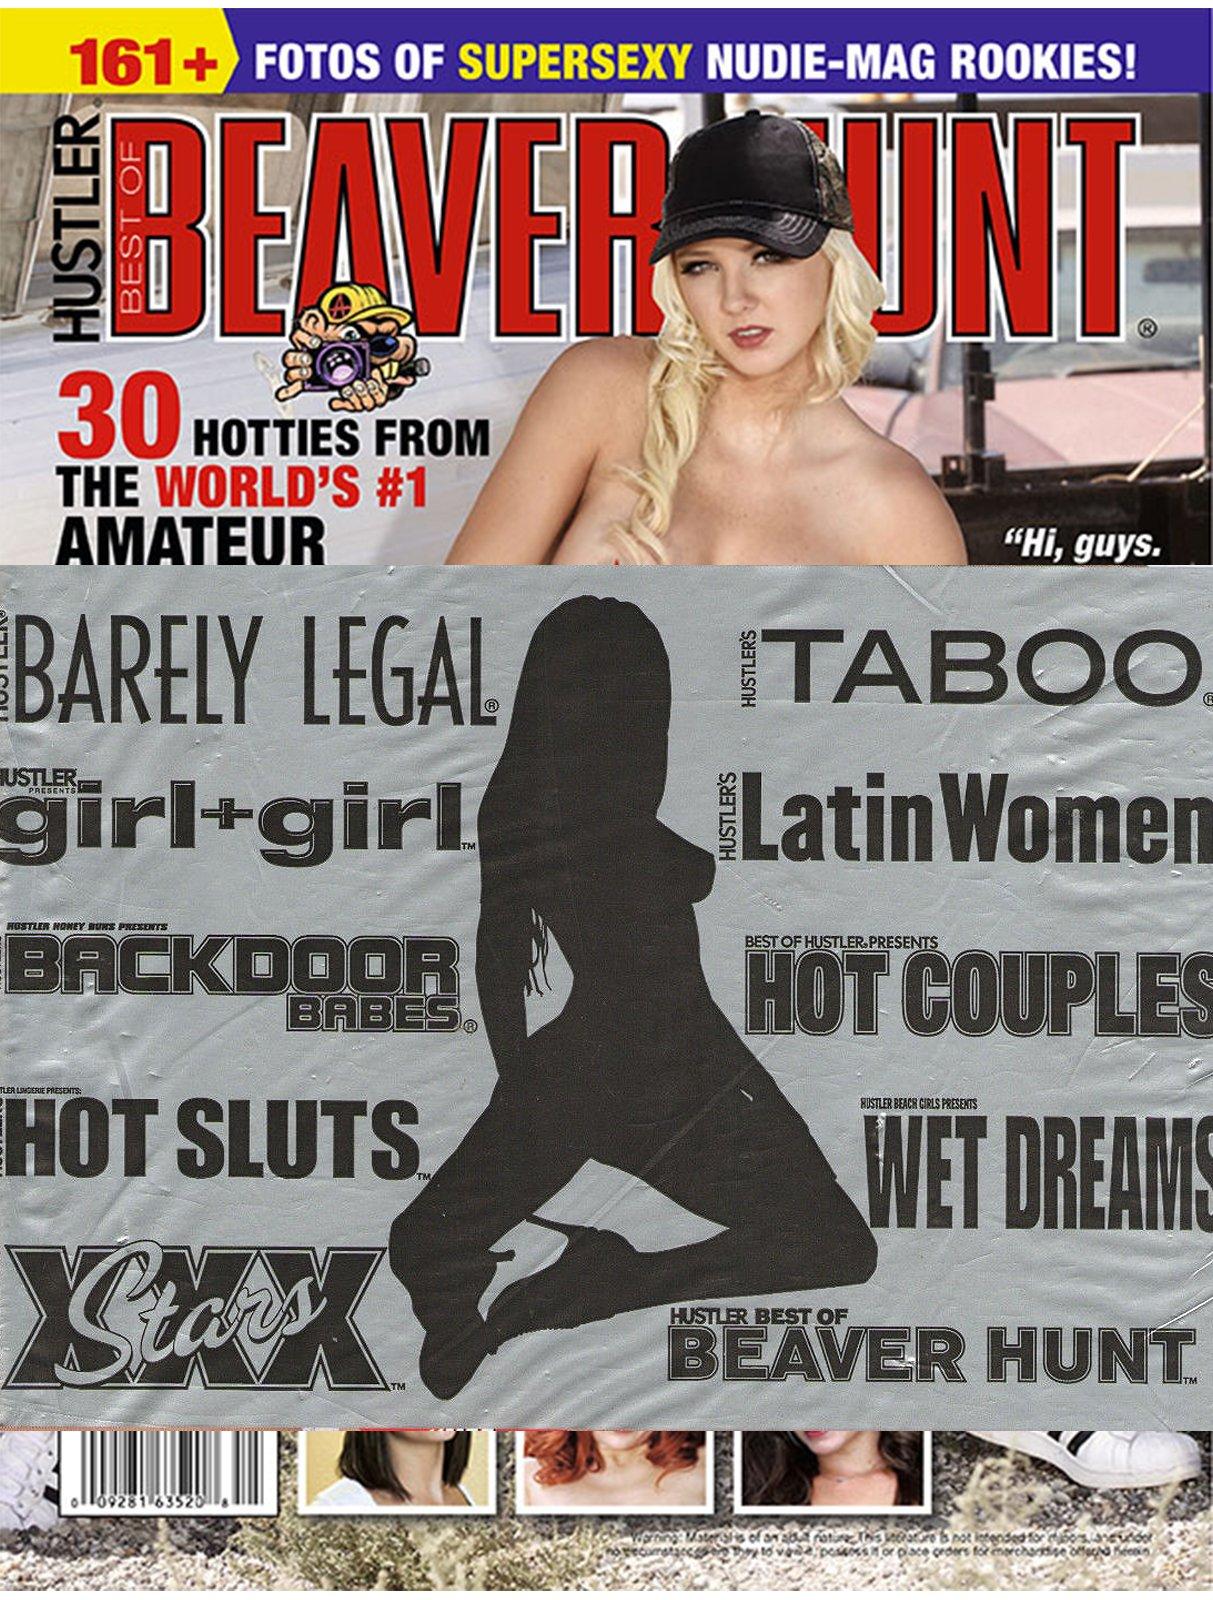 BEAVER HUNT Best of Beaver Hunt #175;2017 BRAND NEW;SEALED PDF